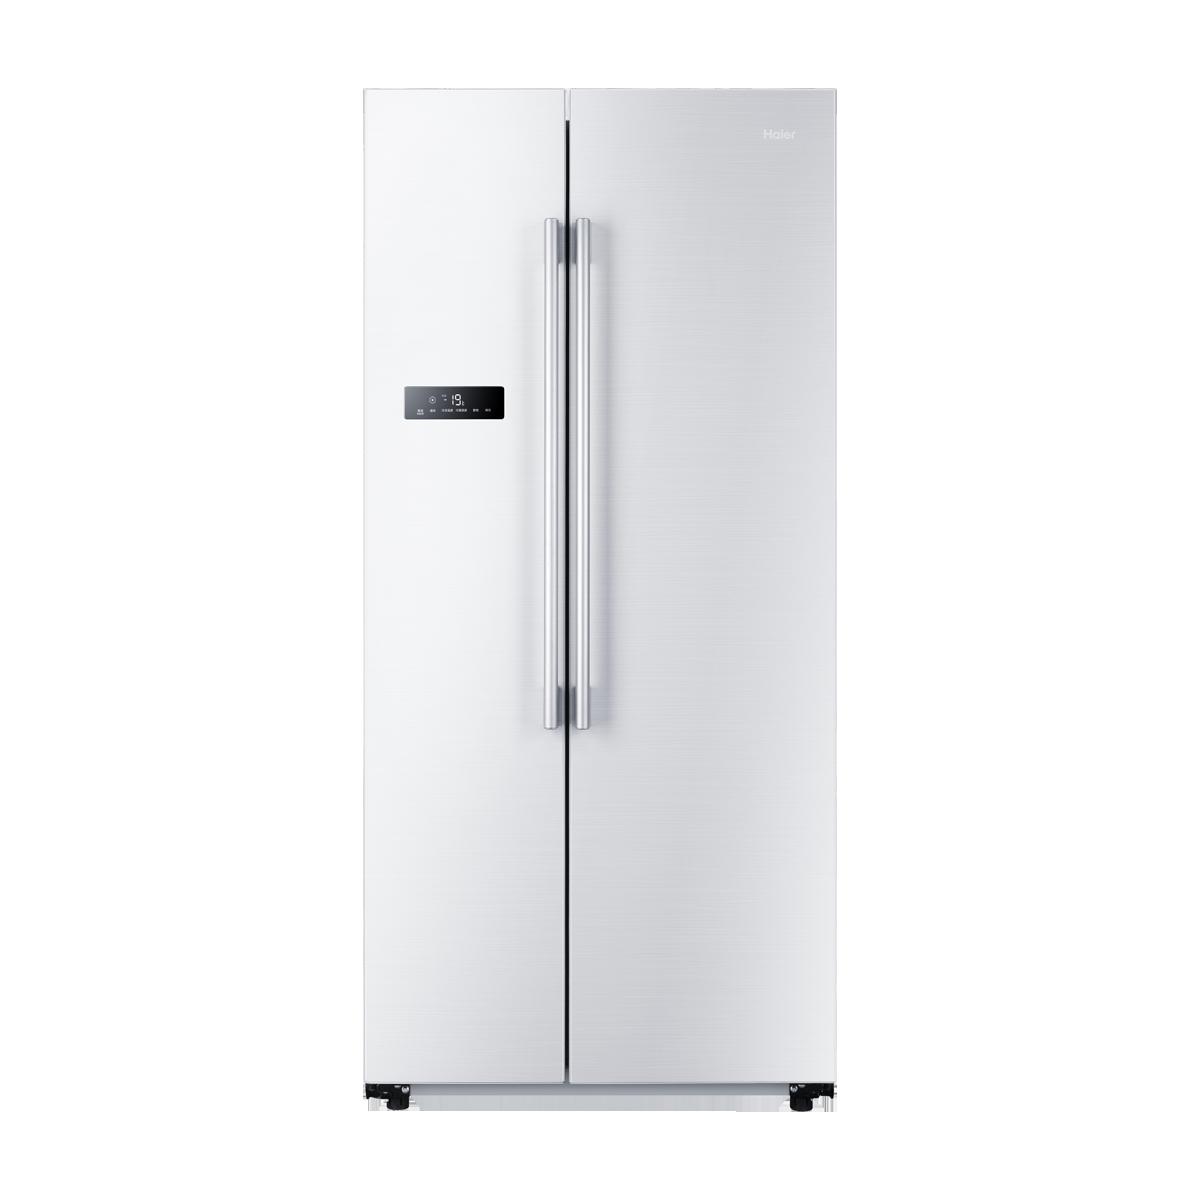 海尔Haier冰箱 BCD-579WE 说明书